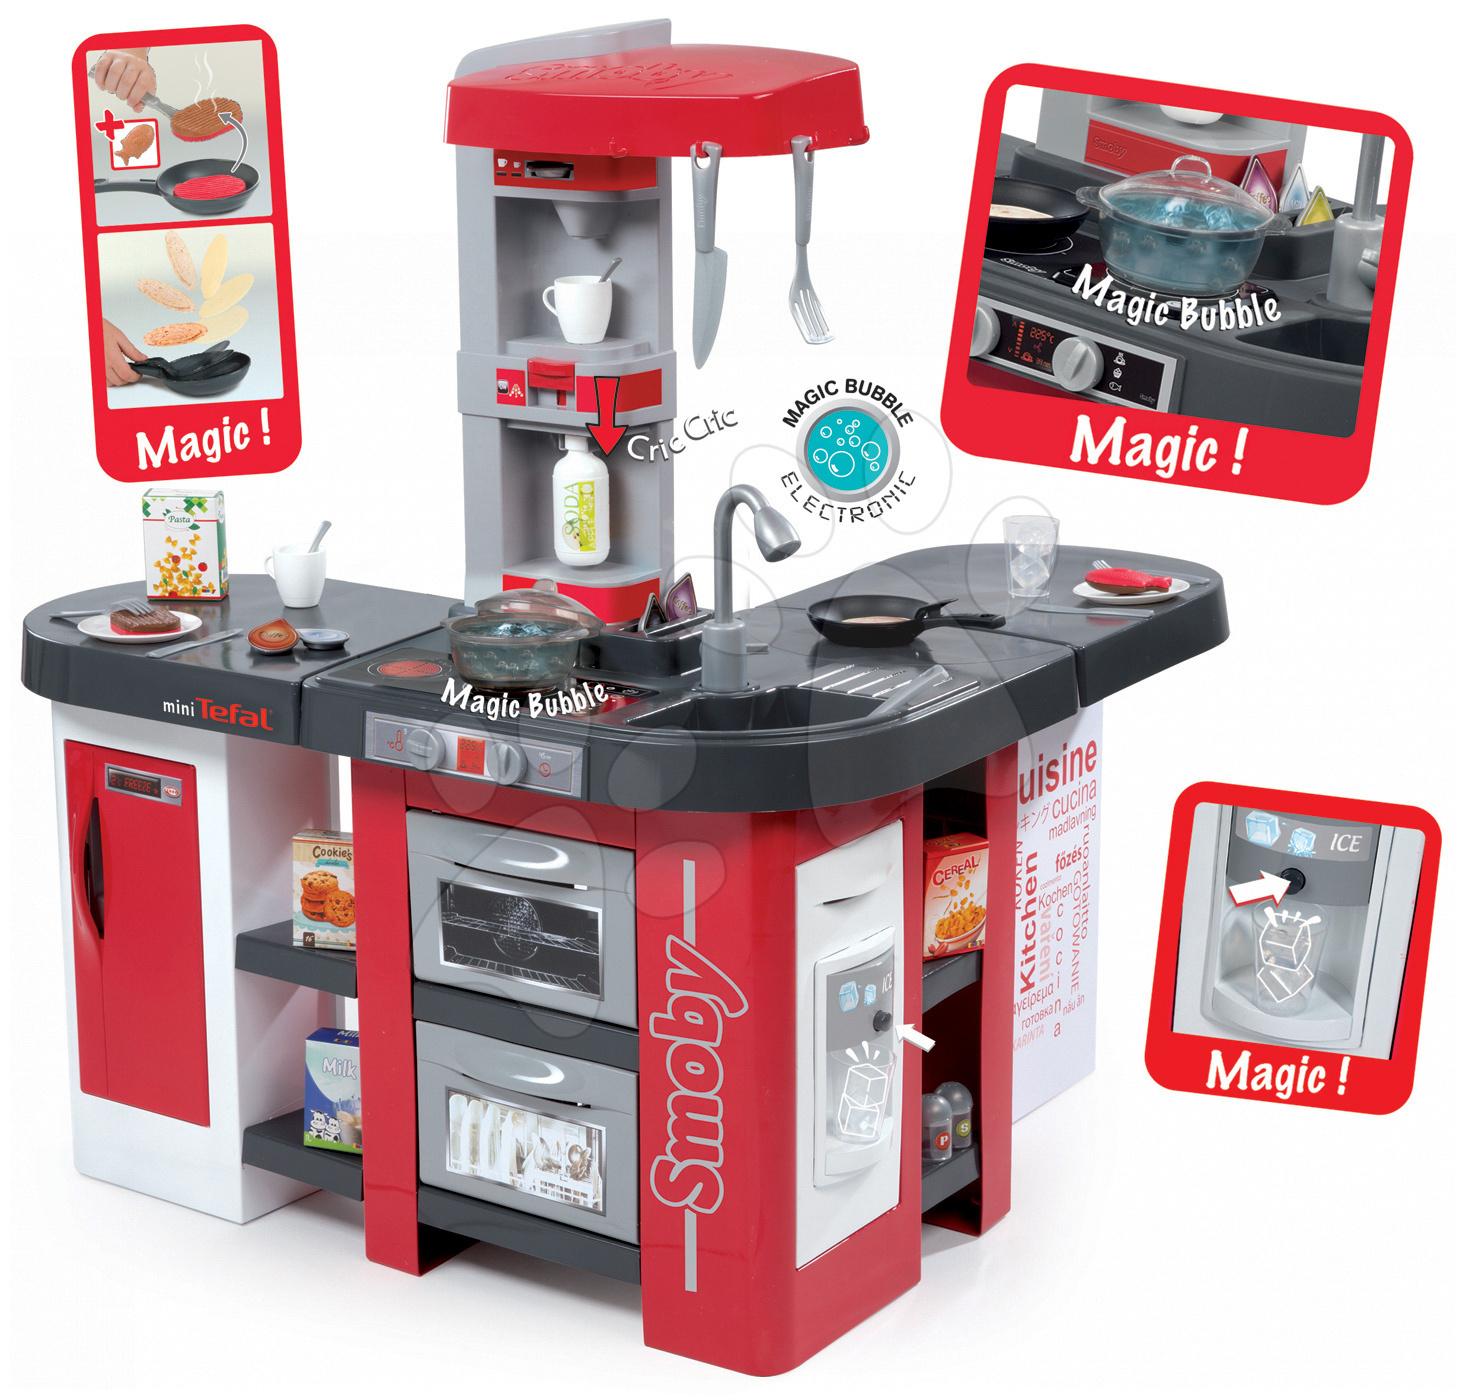 Bucătărie electronică Tefal Studio XXL Smoby cu bule magice, aparat de sifon, aparat de cafea, cu gheață și 38 accesorii